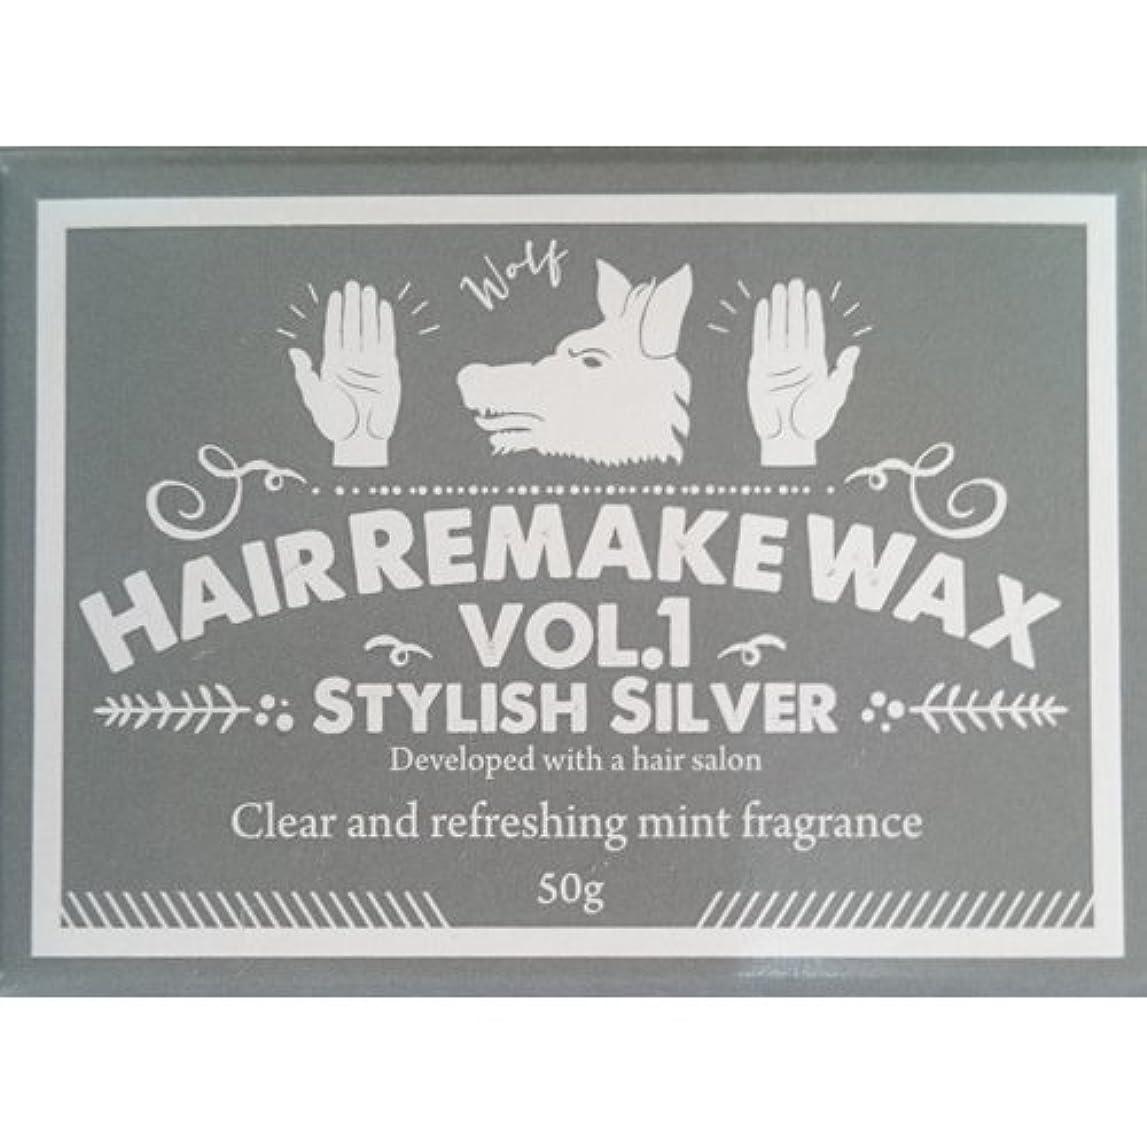 に渡って丘白いHair Remake(ヘアーリメイク)WAX Vol.1 スタイリッシュシルバー 50g